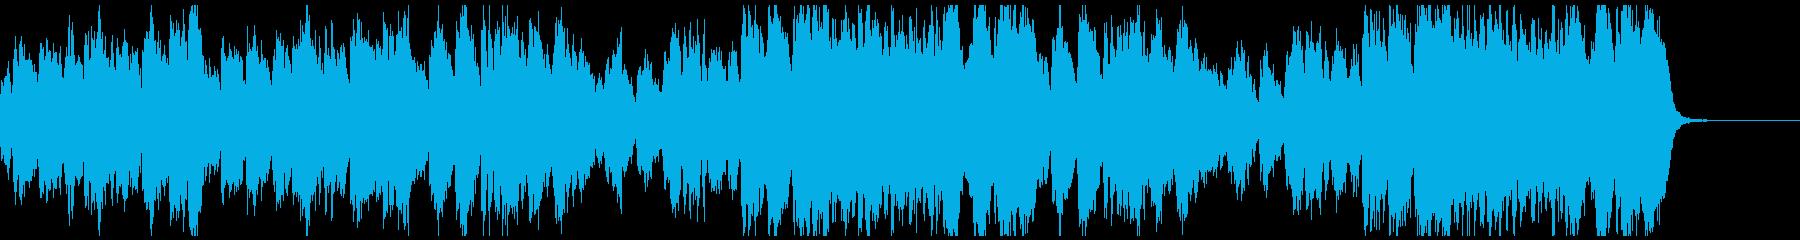 BWV1068/4『ブーレ』バッハの再生済みの波形